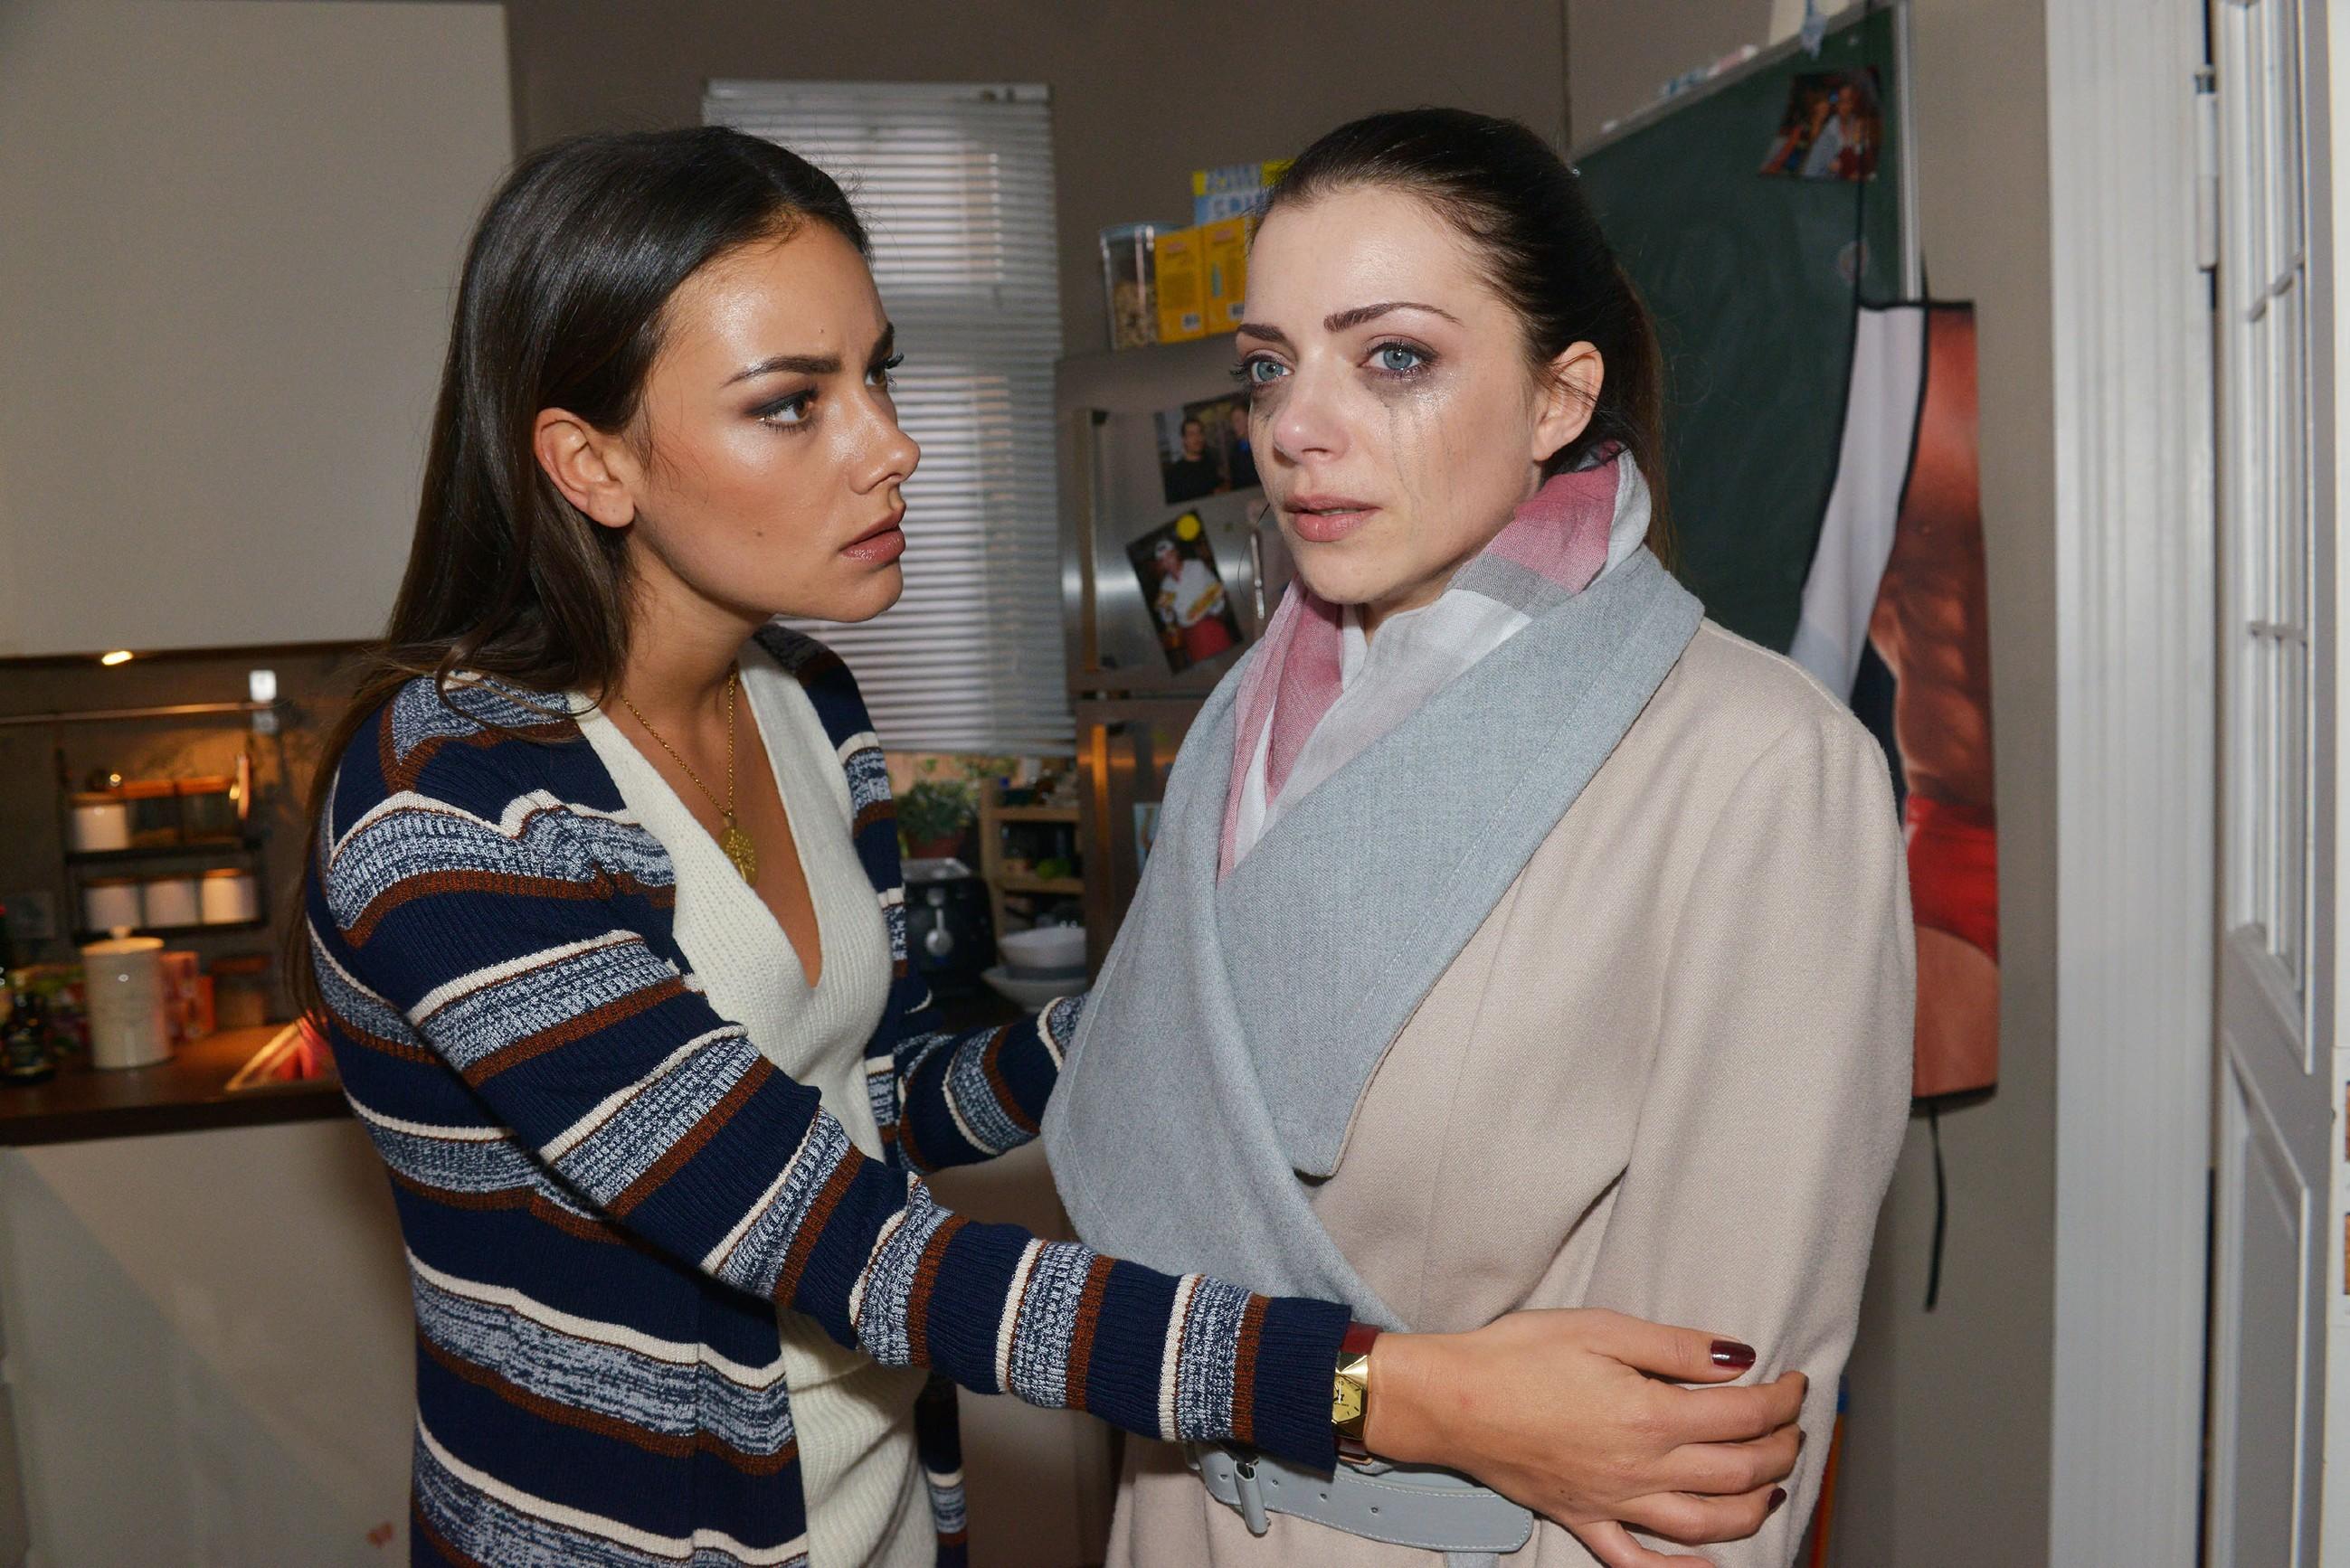 Jasmin (Janina Uhse, l.) bricht es das Herz, als die wegen Tayfun völlig aufgelöste Emily (Anne Menden) bei ihr Trost sucht. (Quelle: RTL / Rolf Baumgartner)